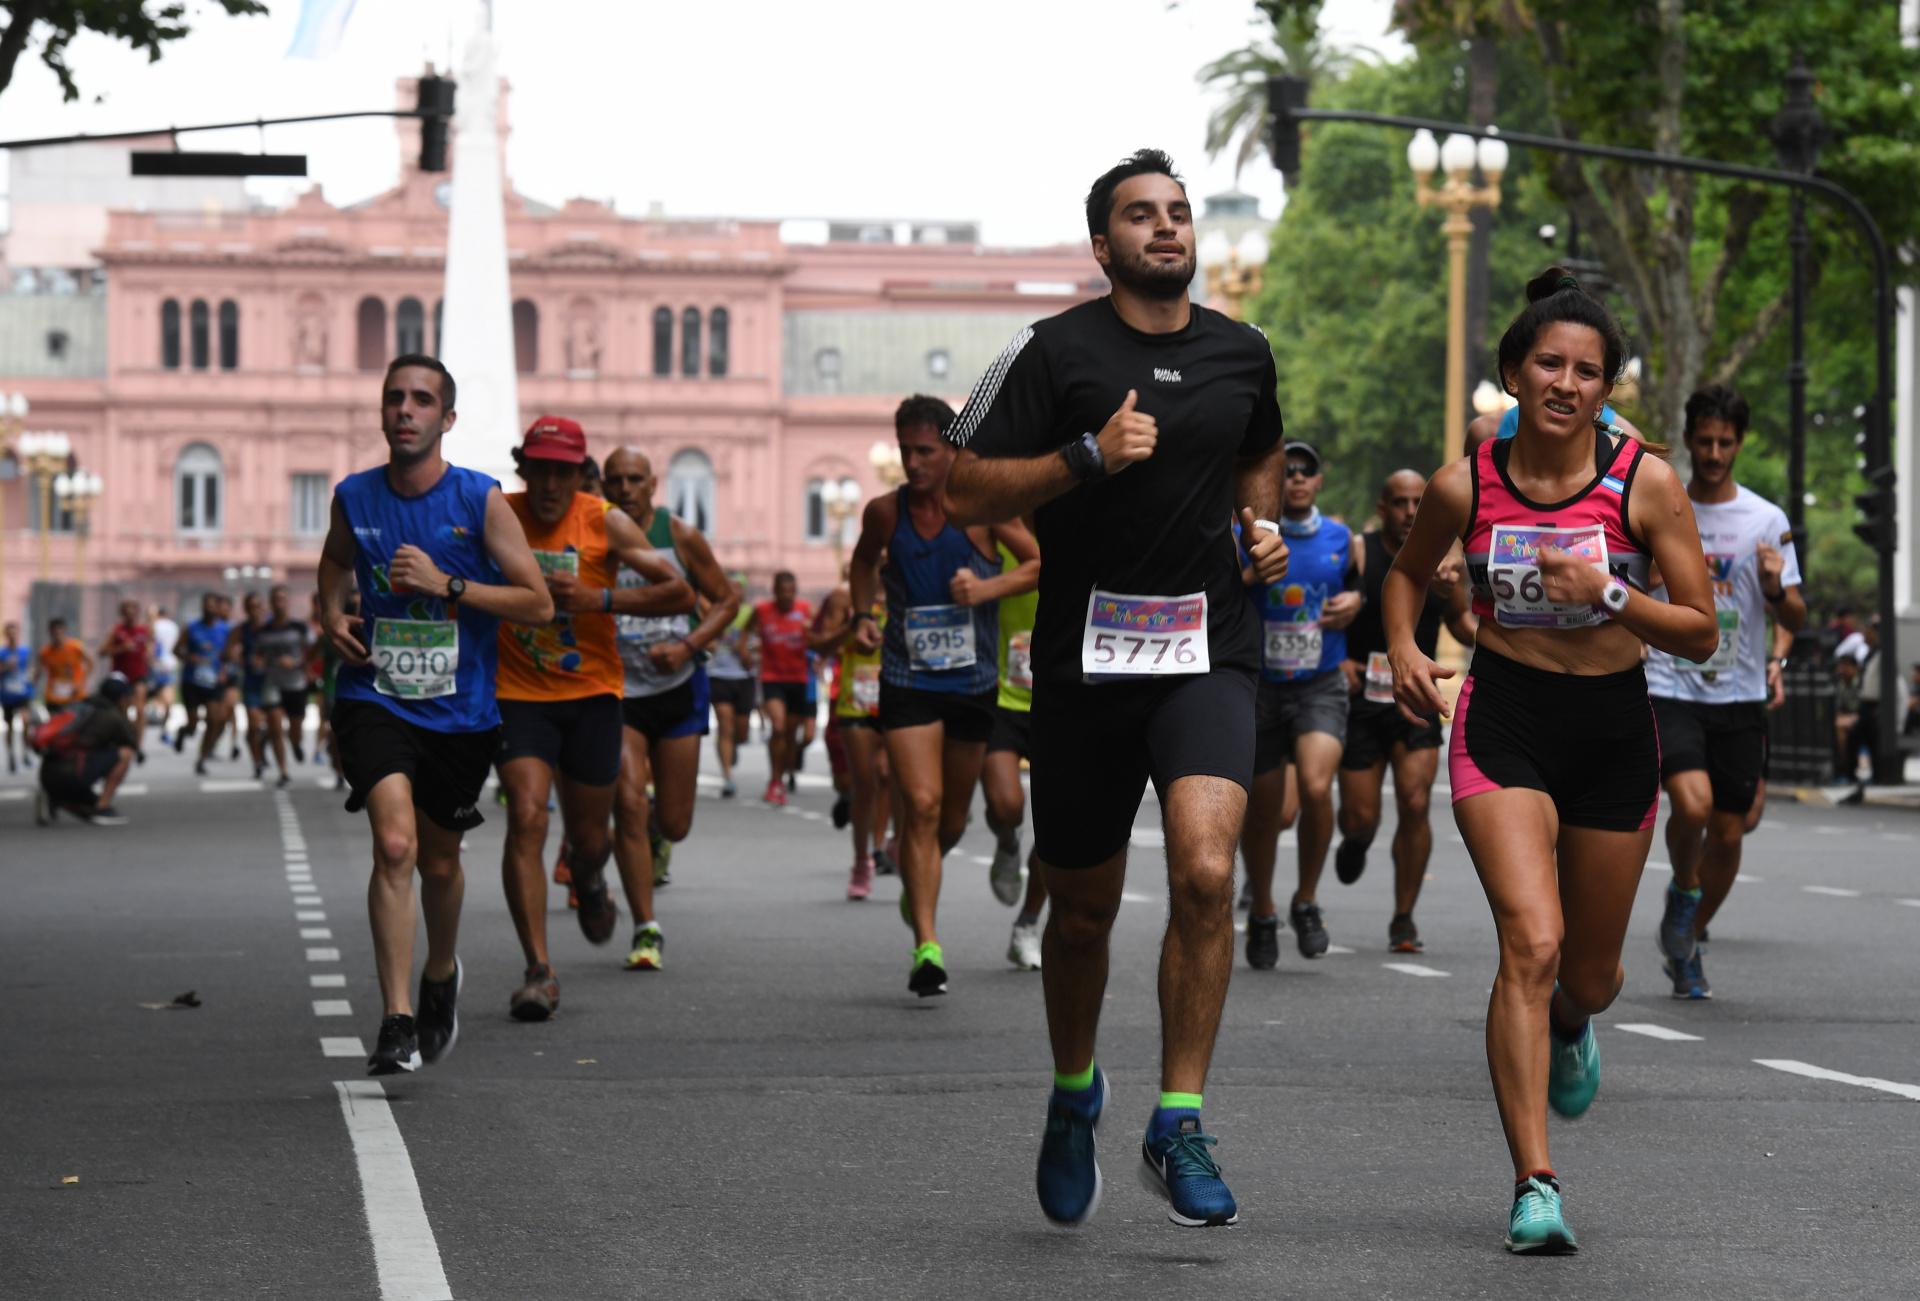 El desafío en el último día de 2019 comprendió 8 kilómetros de distancia (Maximiliano Luna)